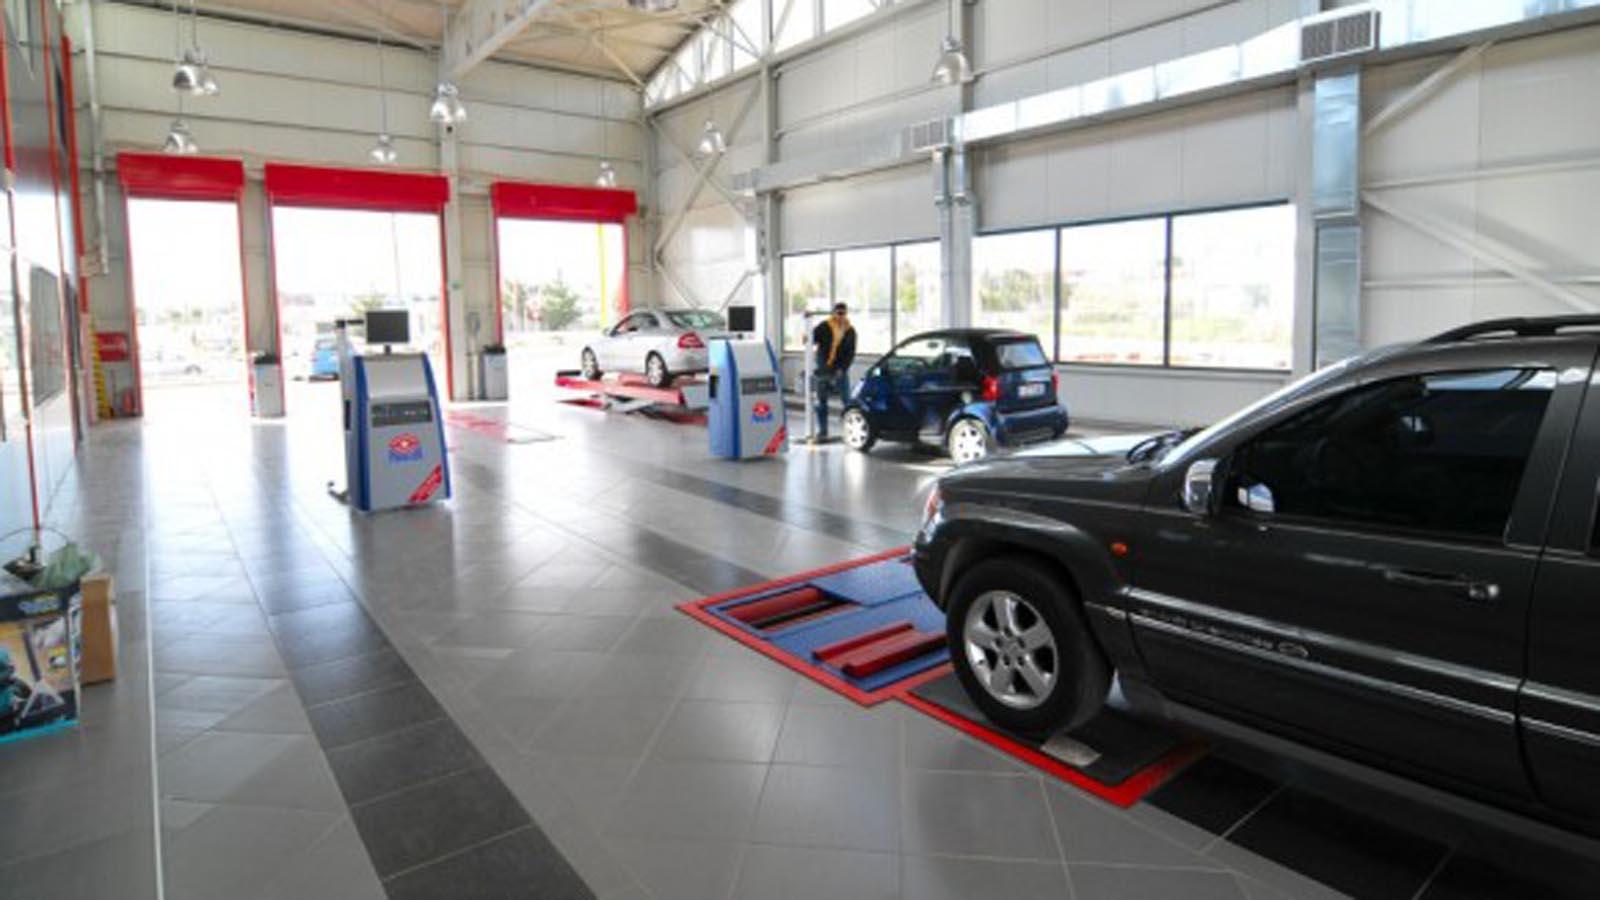 ΚΤΕΟ: Όσα πρέπει να γνωρίζετε για τον έλεγχο του αυτοκινήτου σας!